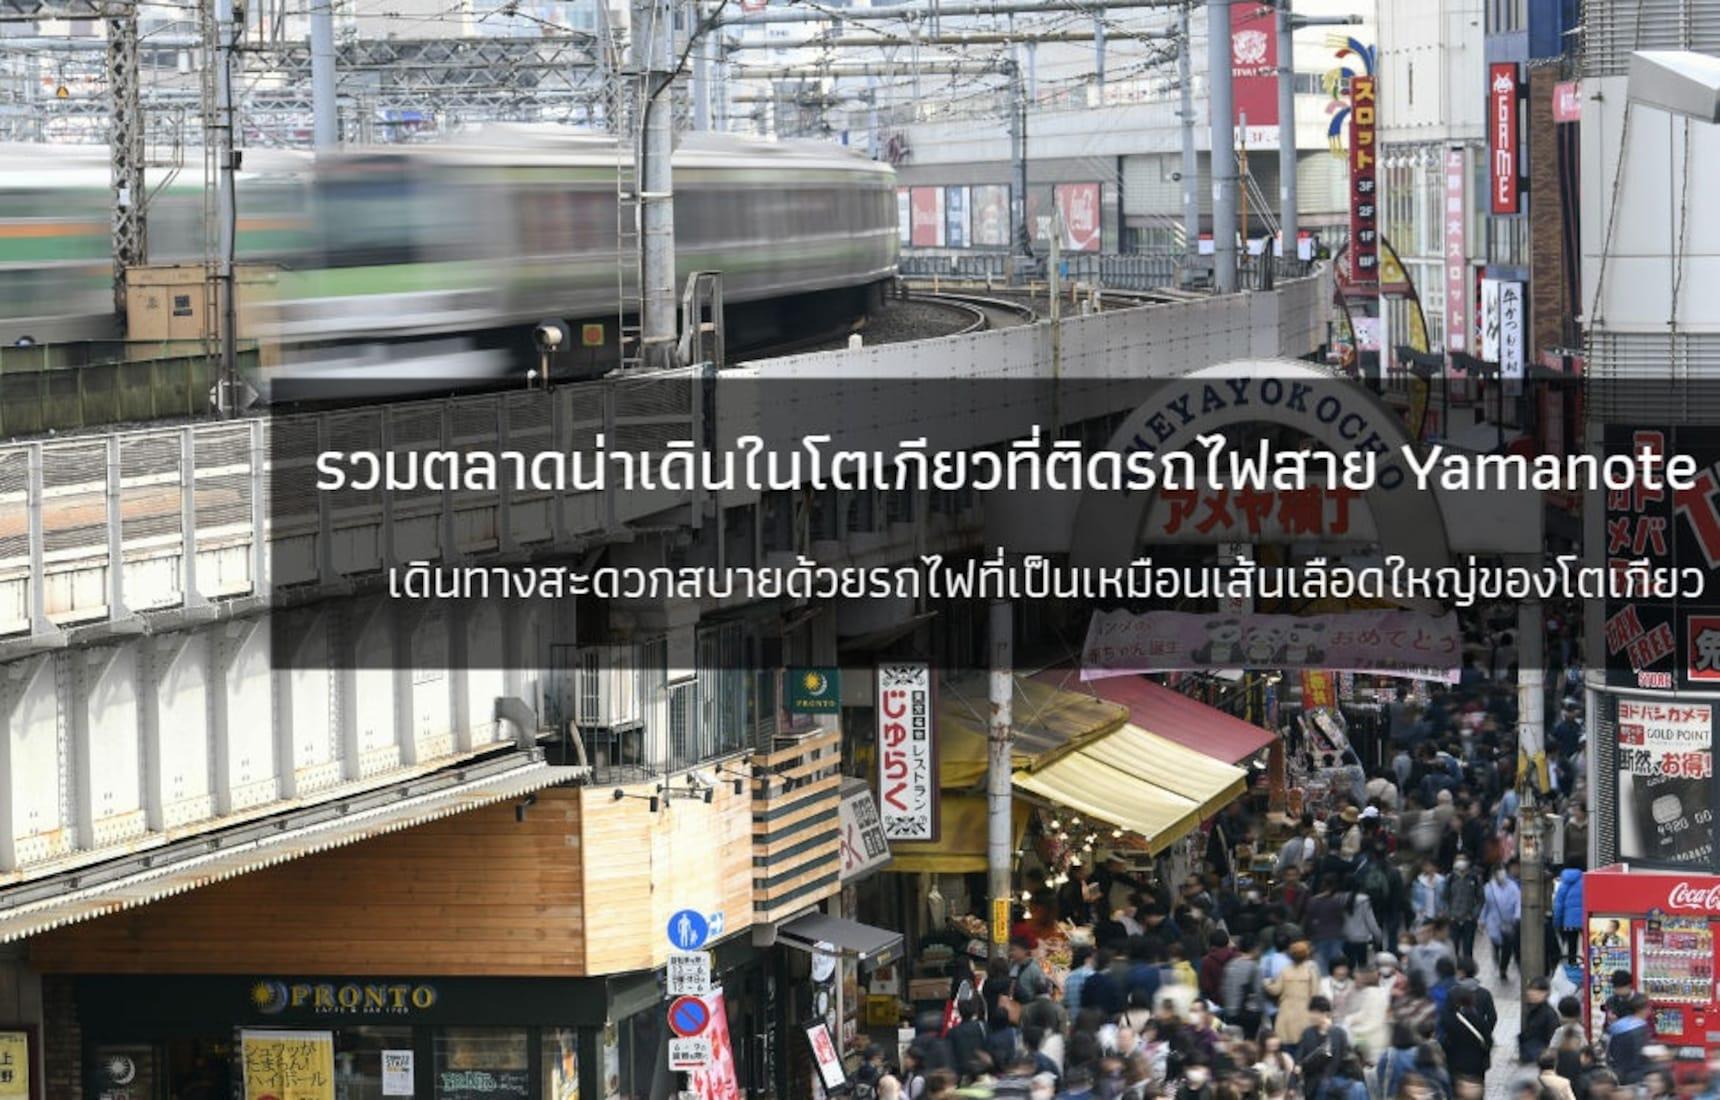 รวมตลาดน่าเดินในโตเกียวที่ติดรถไฟสาย Yamanote